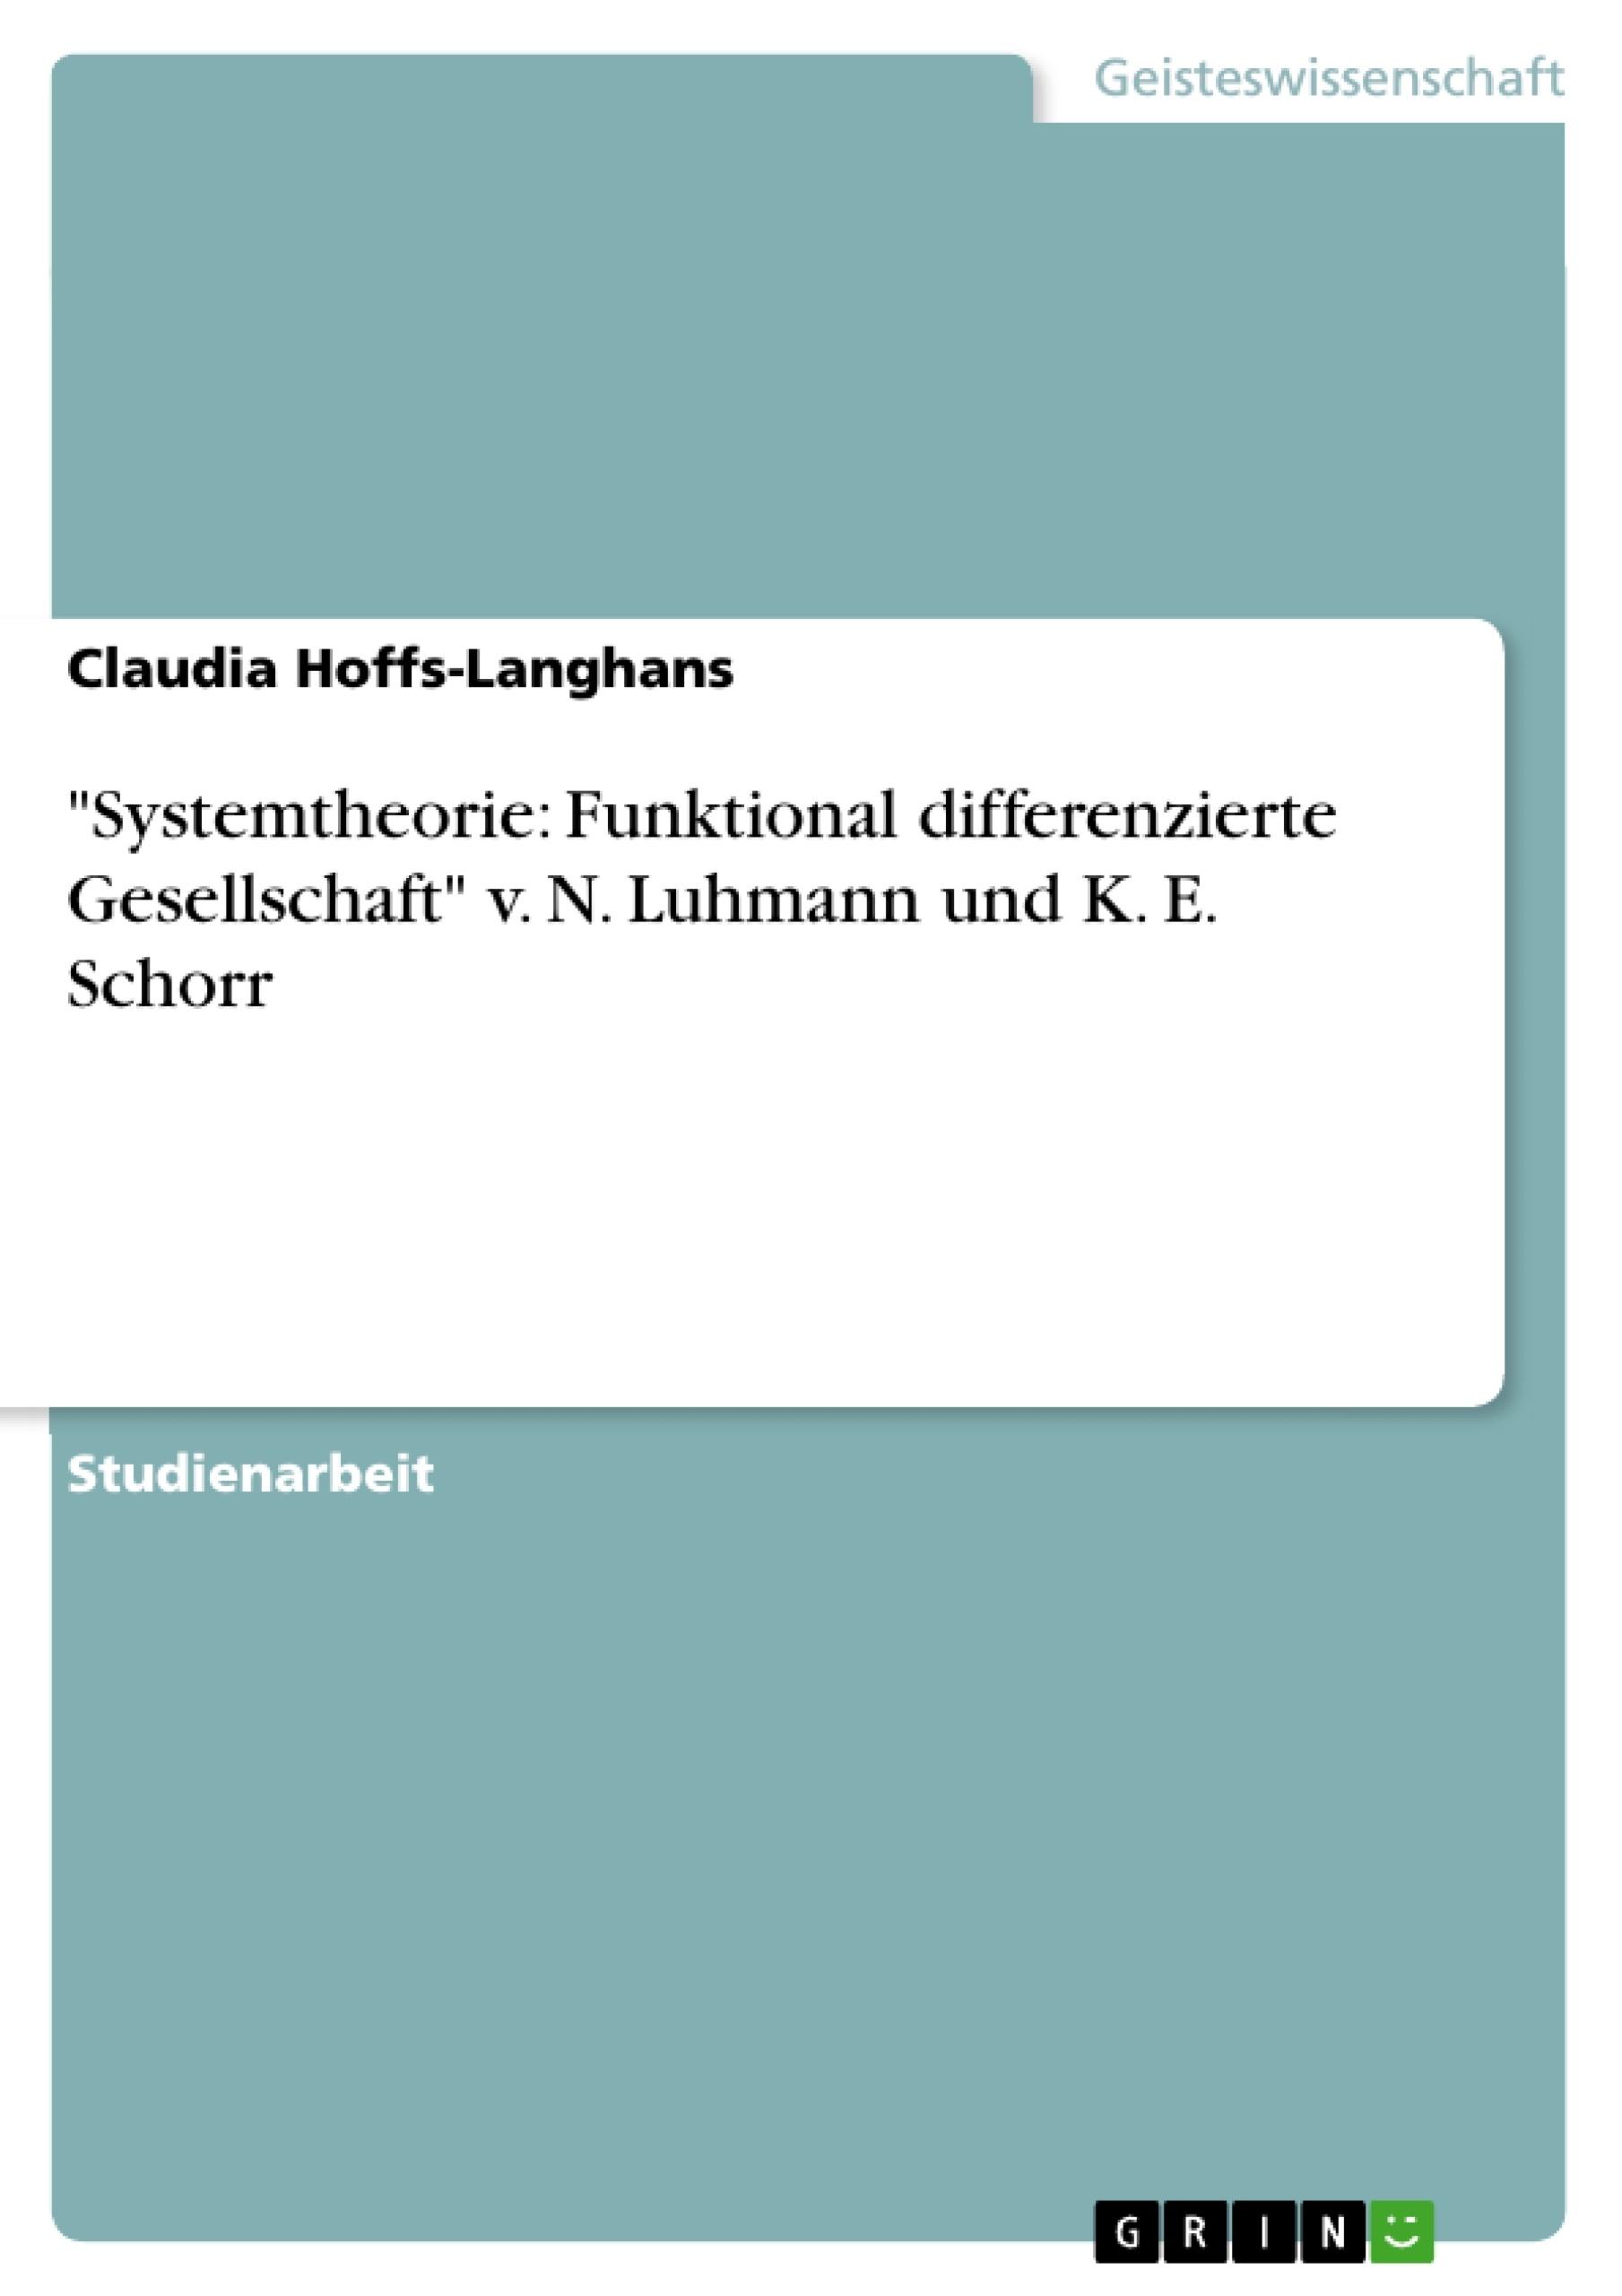 """Titel: """"Systemtheorie: Funktional differenzierte Gesellschaft"""" v. N. Luhmann und K. E. Schorr"""